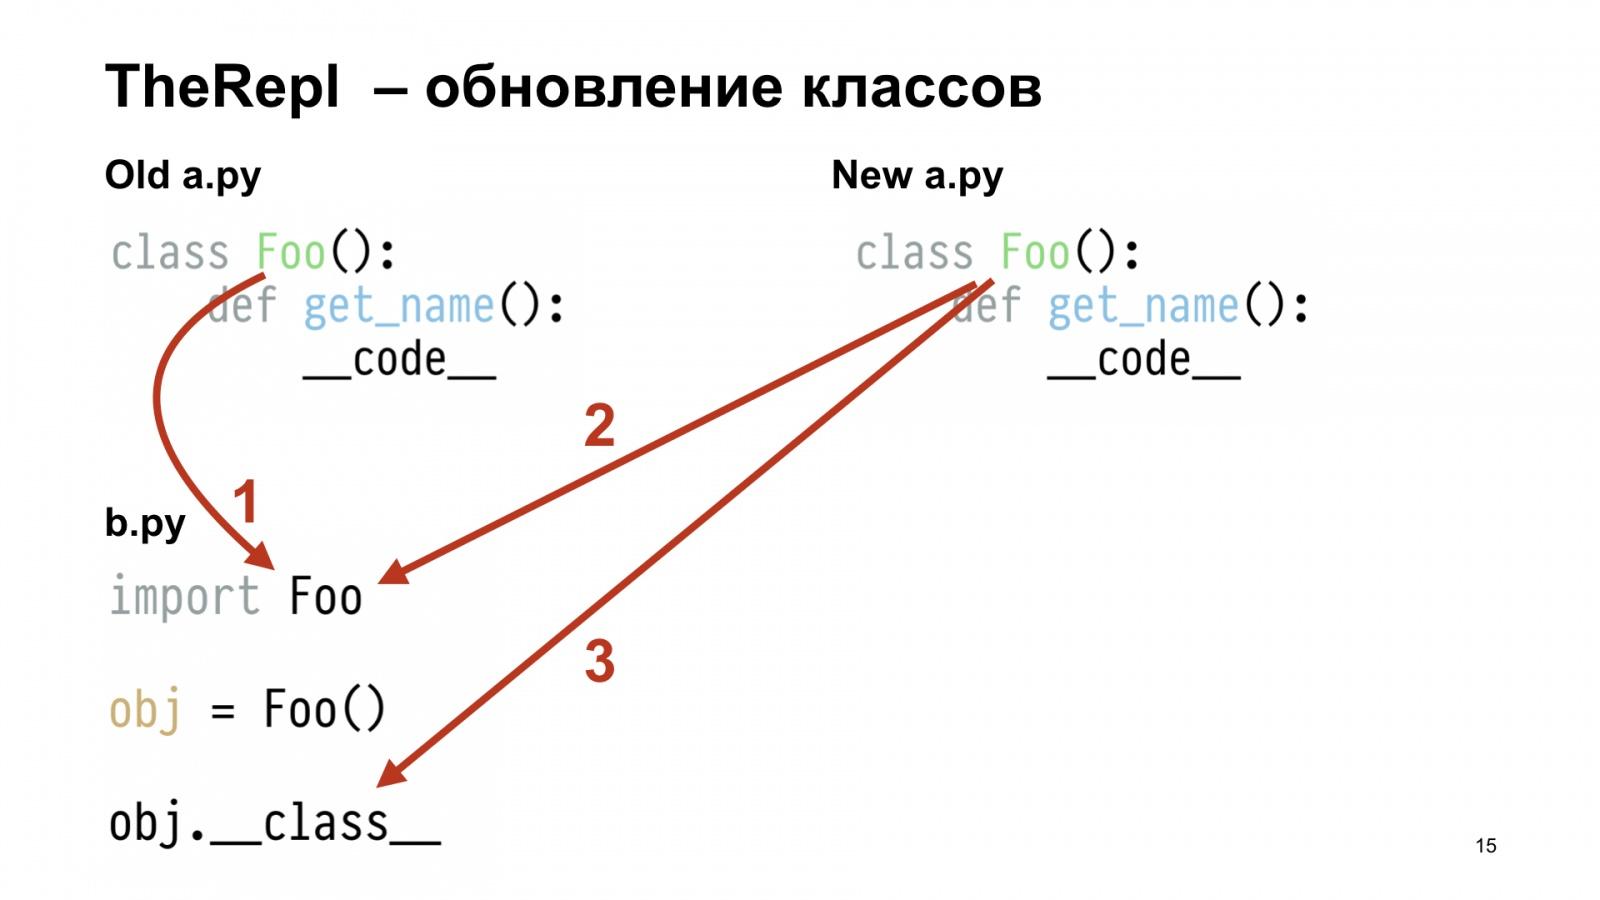 Бесполезный REPL. Доклад Яндекса - 15